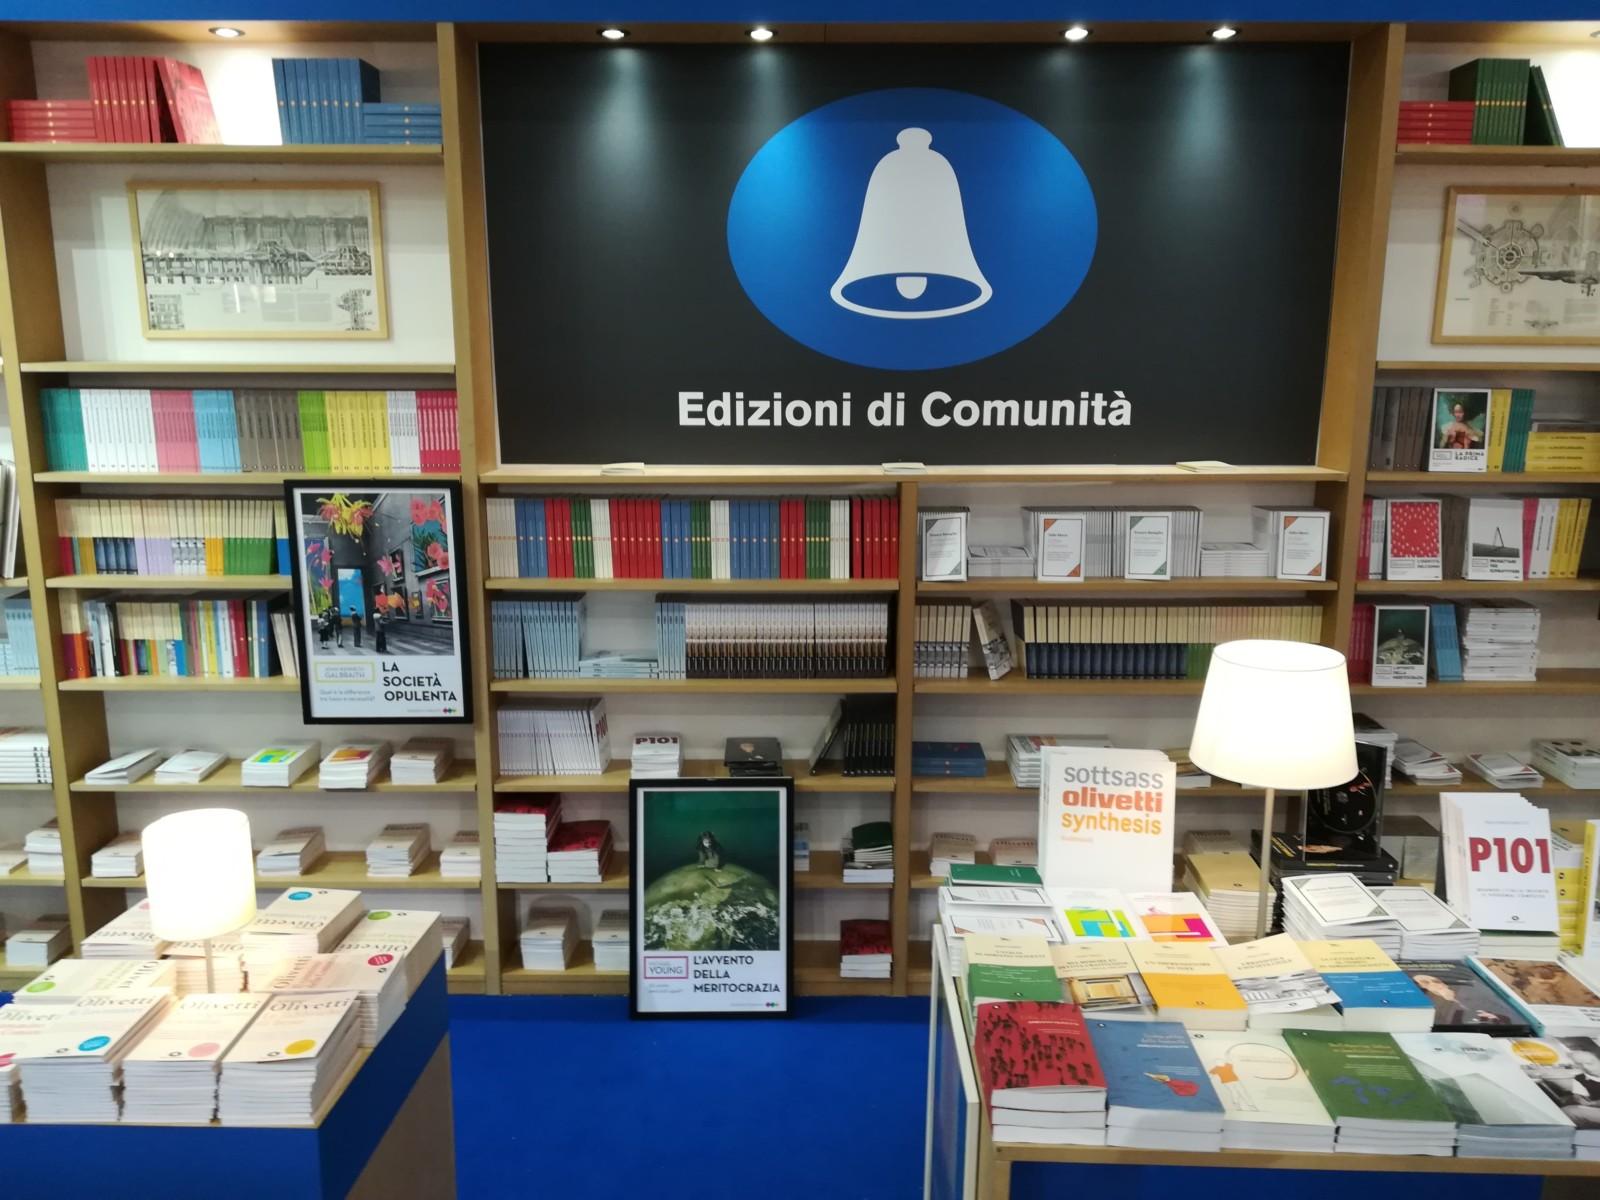 Salone Internazionale Libro - Torino (9)